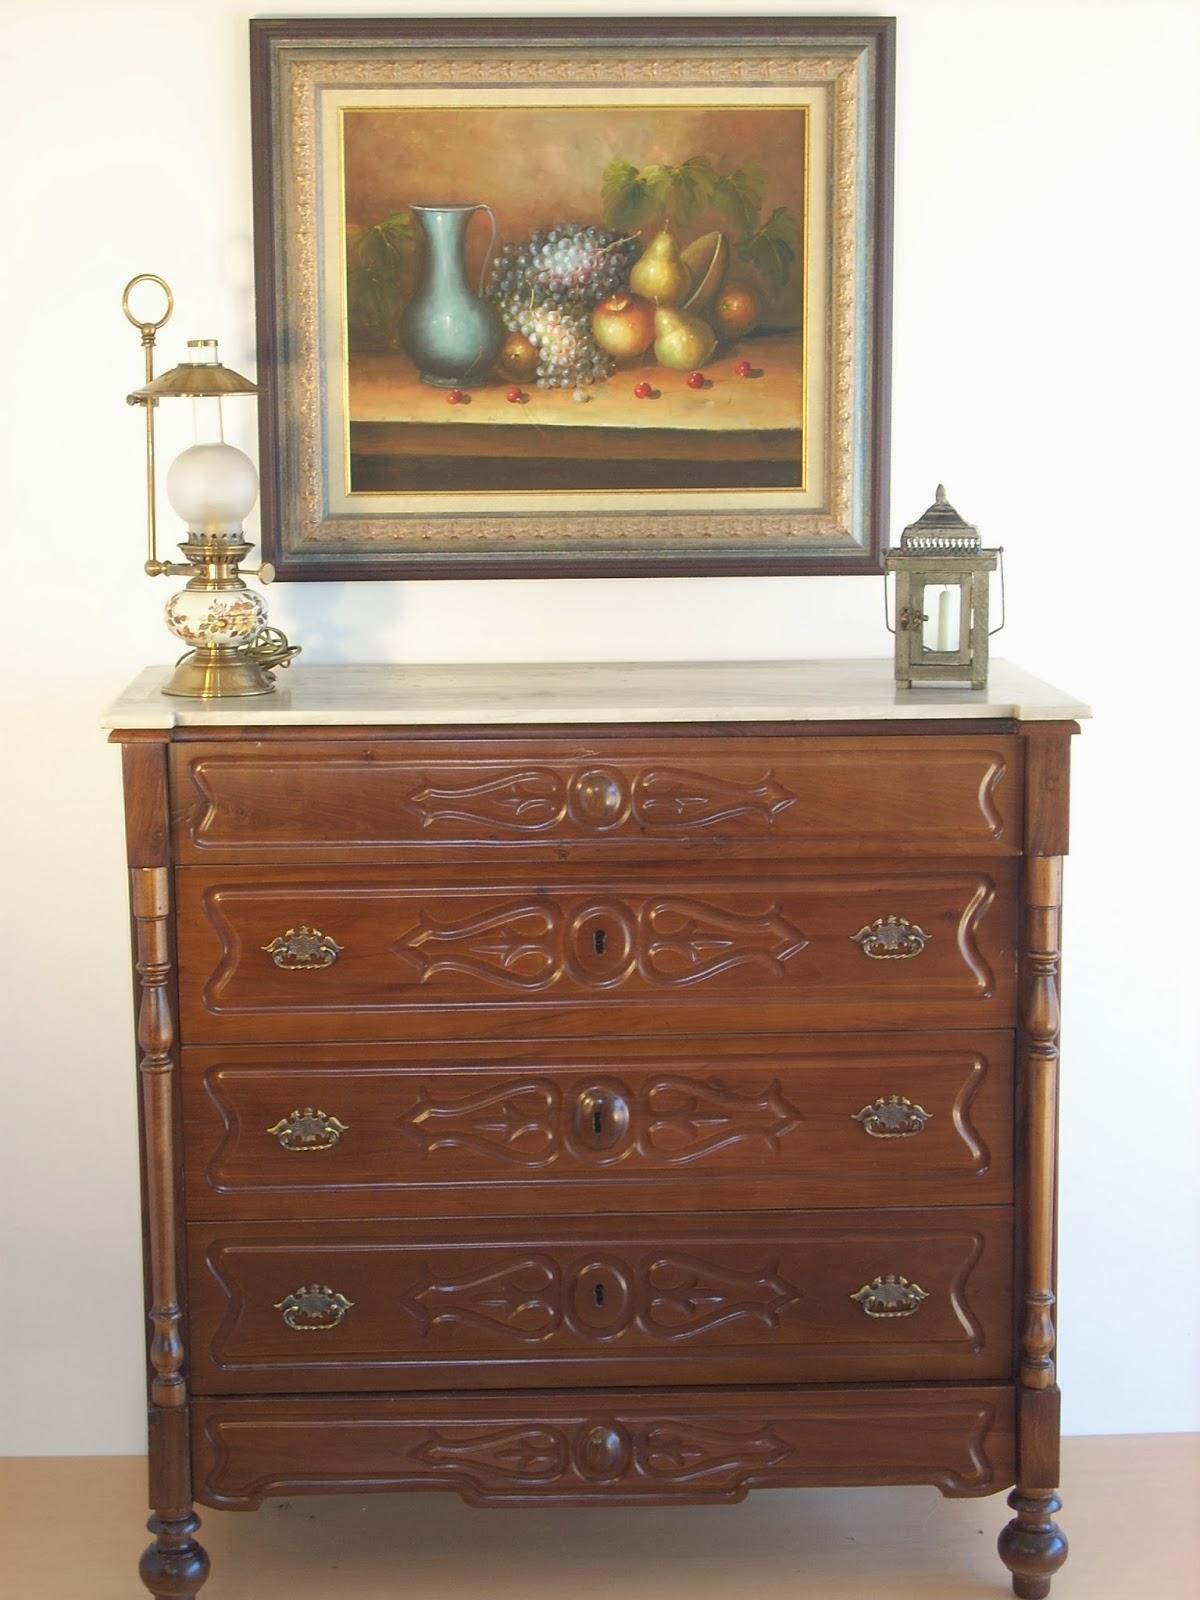 Venta De Muebles Restaurados : Venta de muebles antiguos restaurados naturmoble cÓmoda